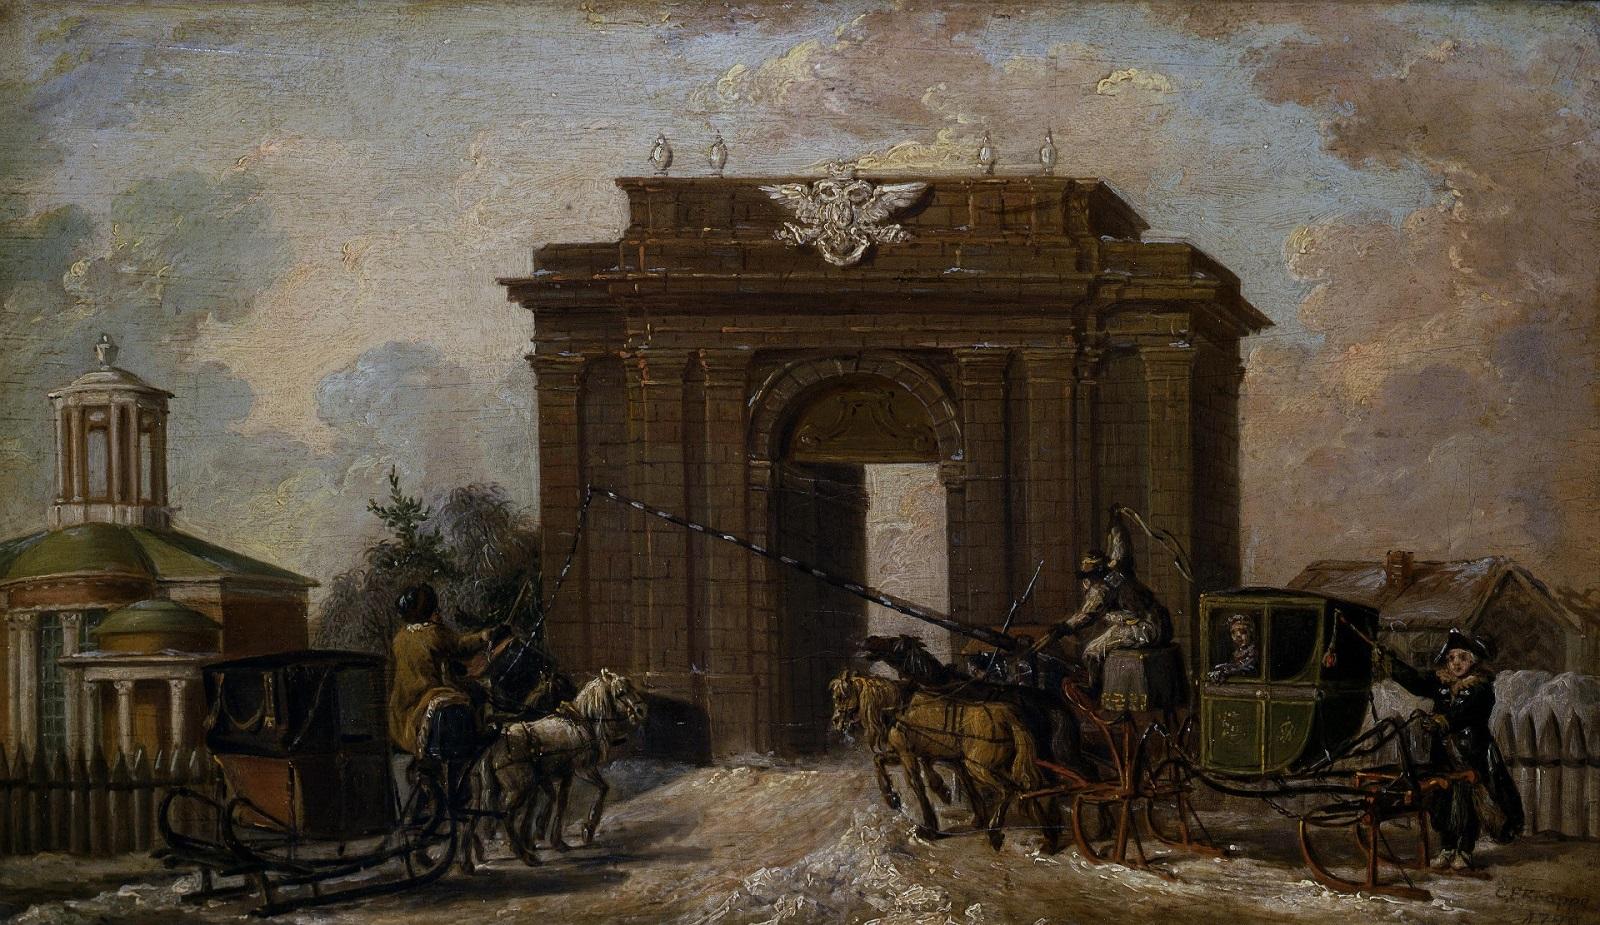 Екатерингофские ворота, построенные при Екатерине II.